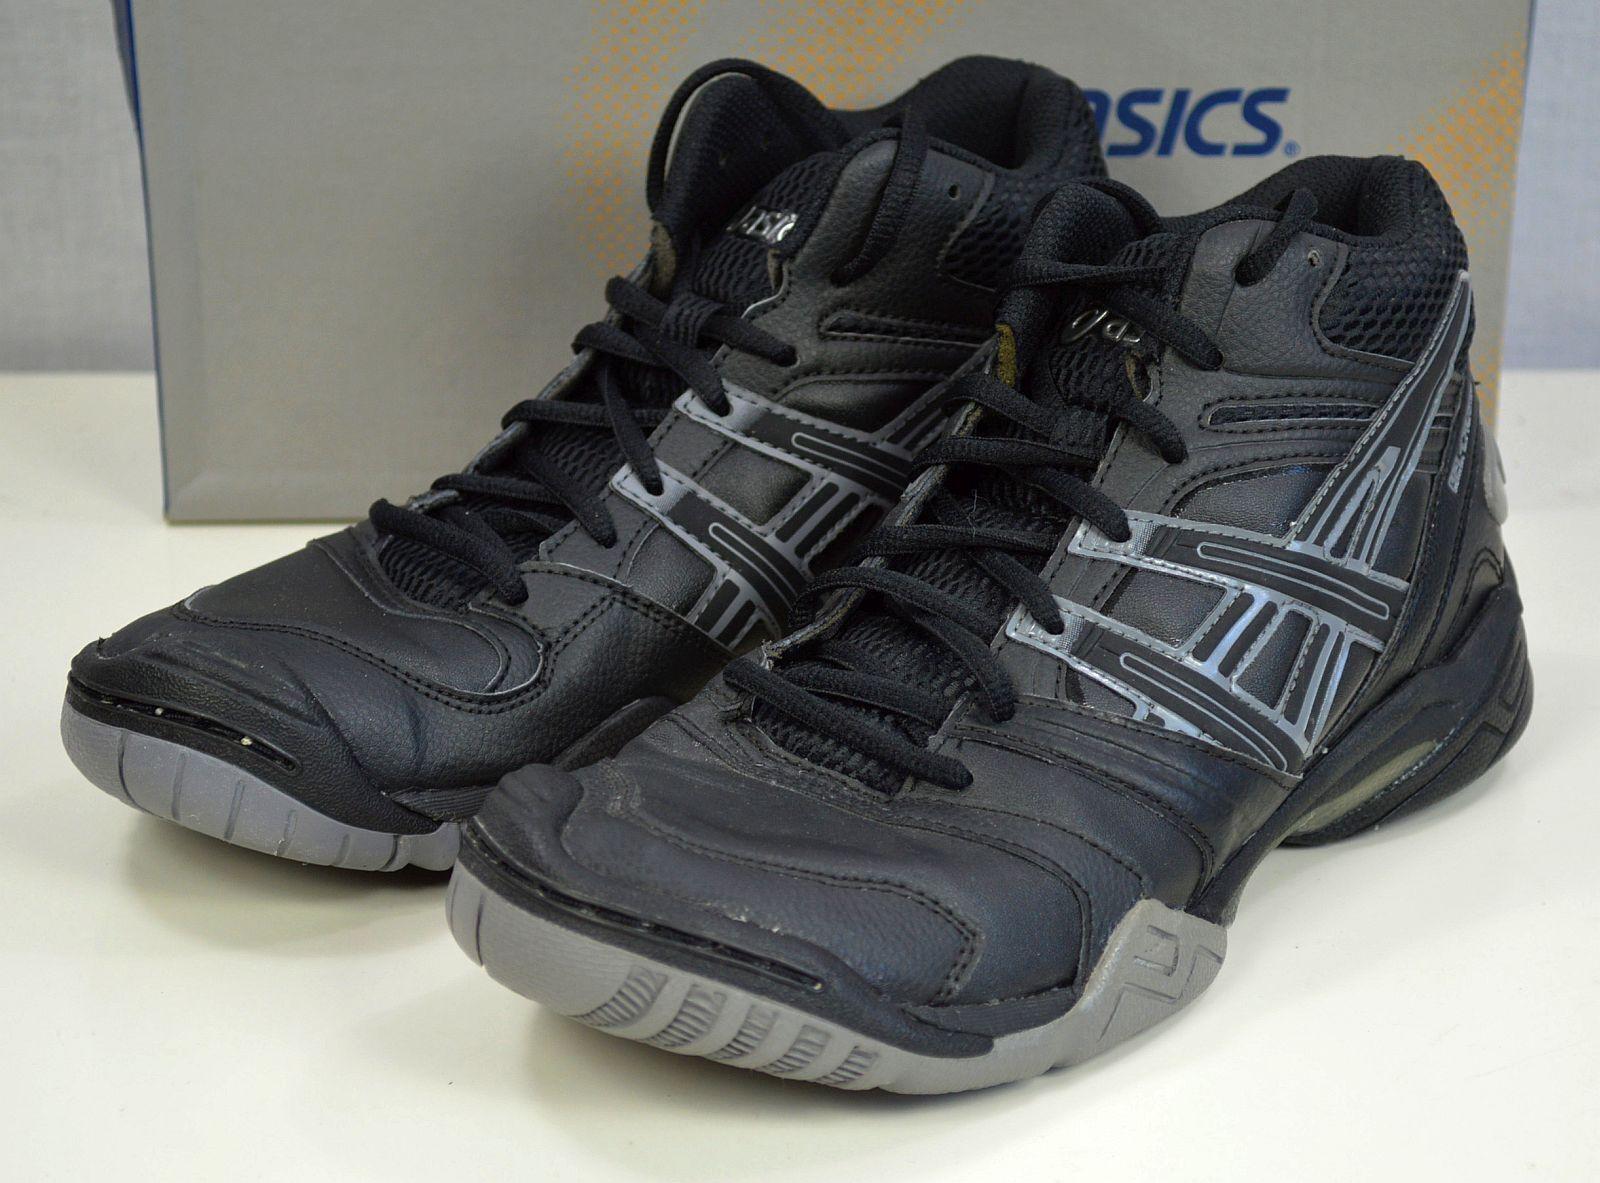 Bsics Gel-Crossover 4 Damen Laufschuhe EU 39,5 Sportschuhe Schuhe sale 22051700